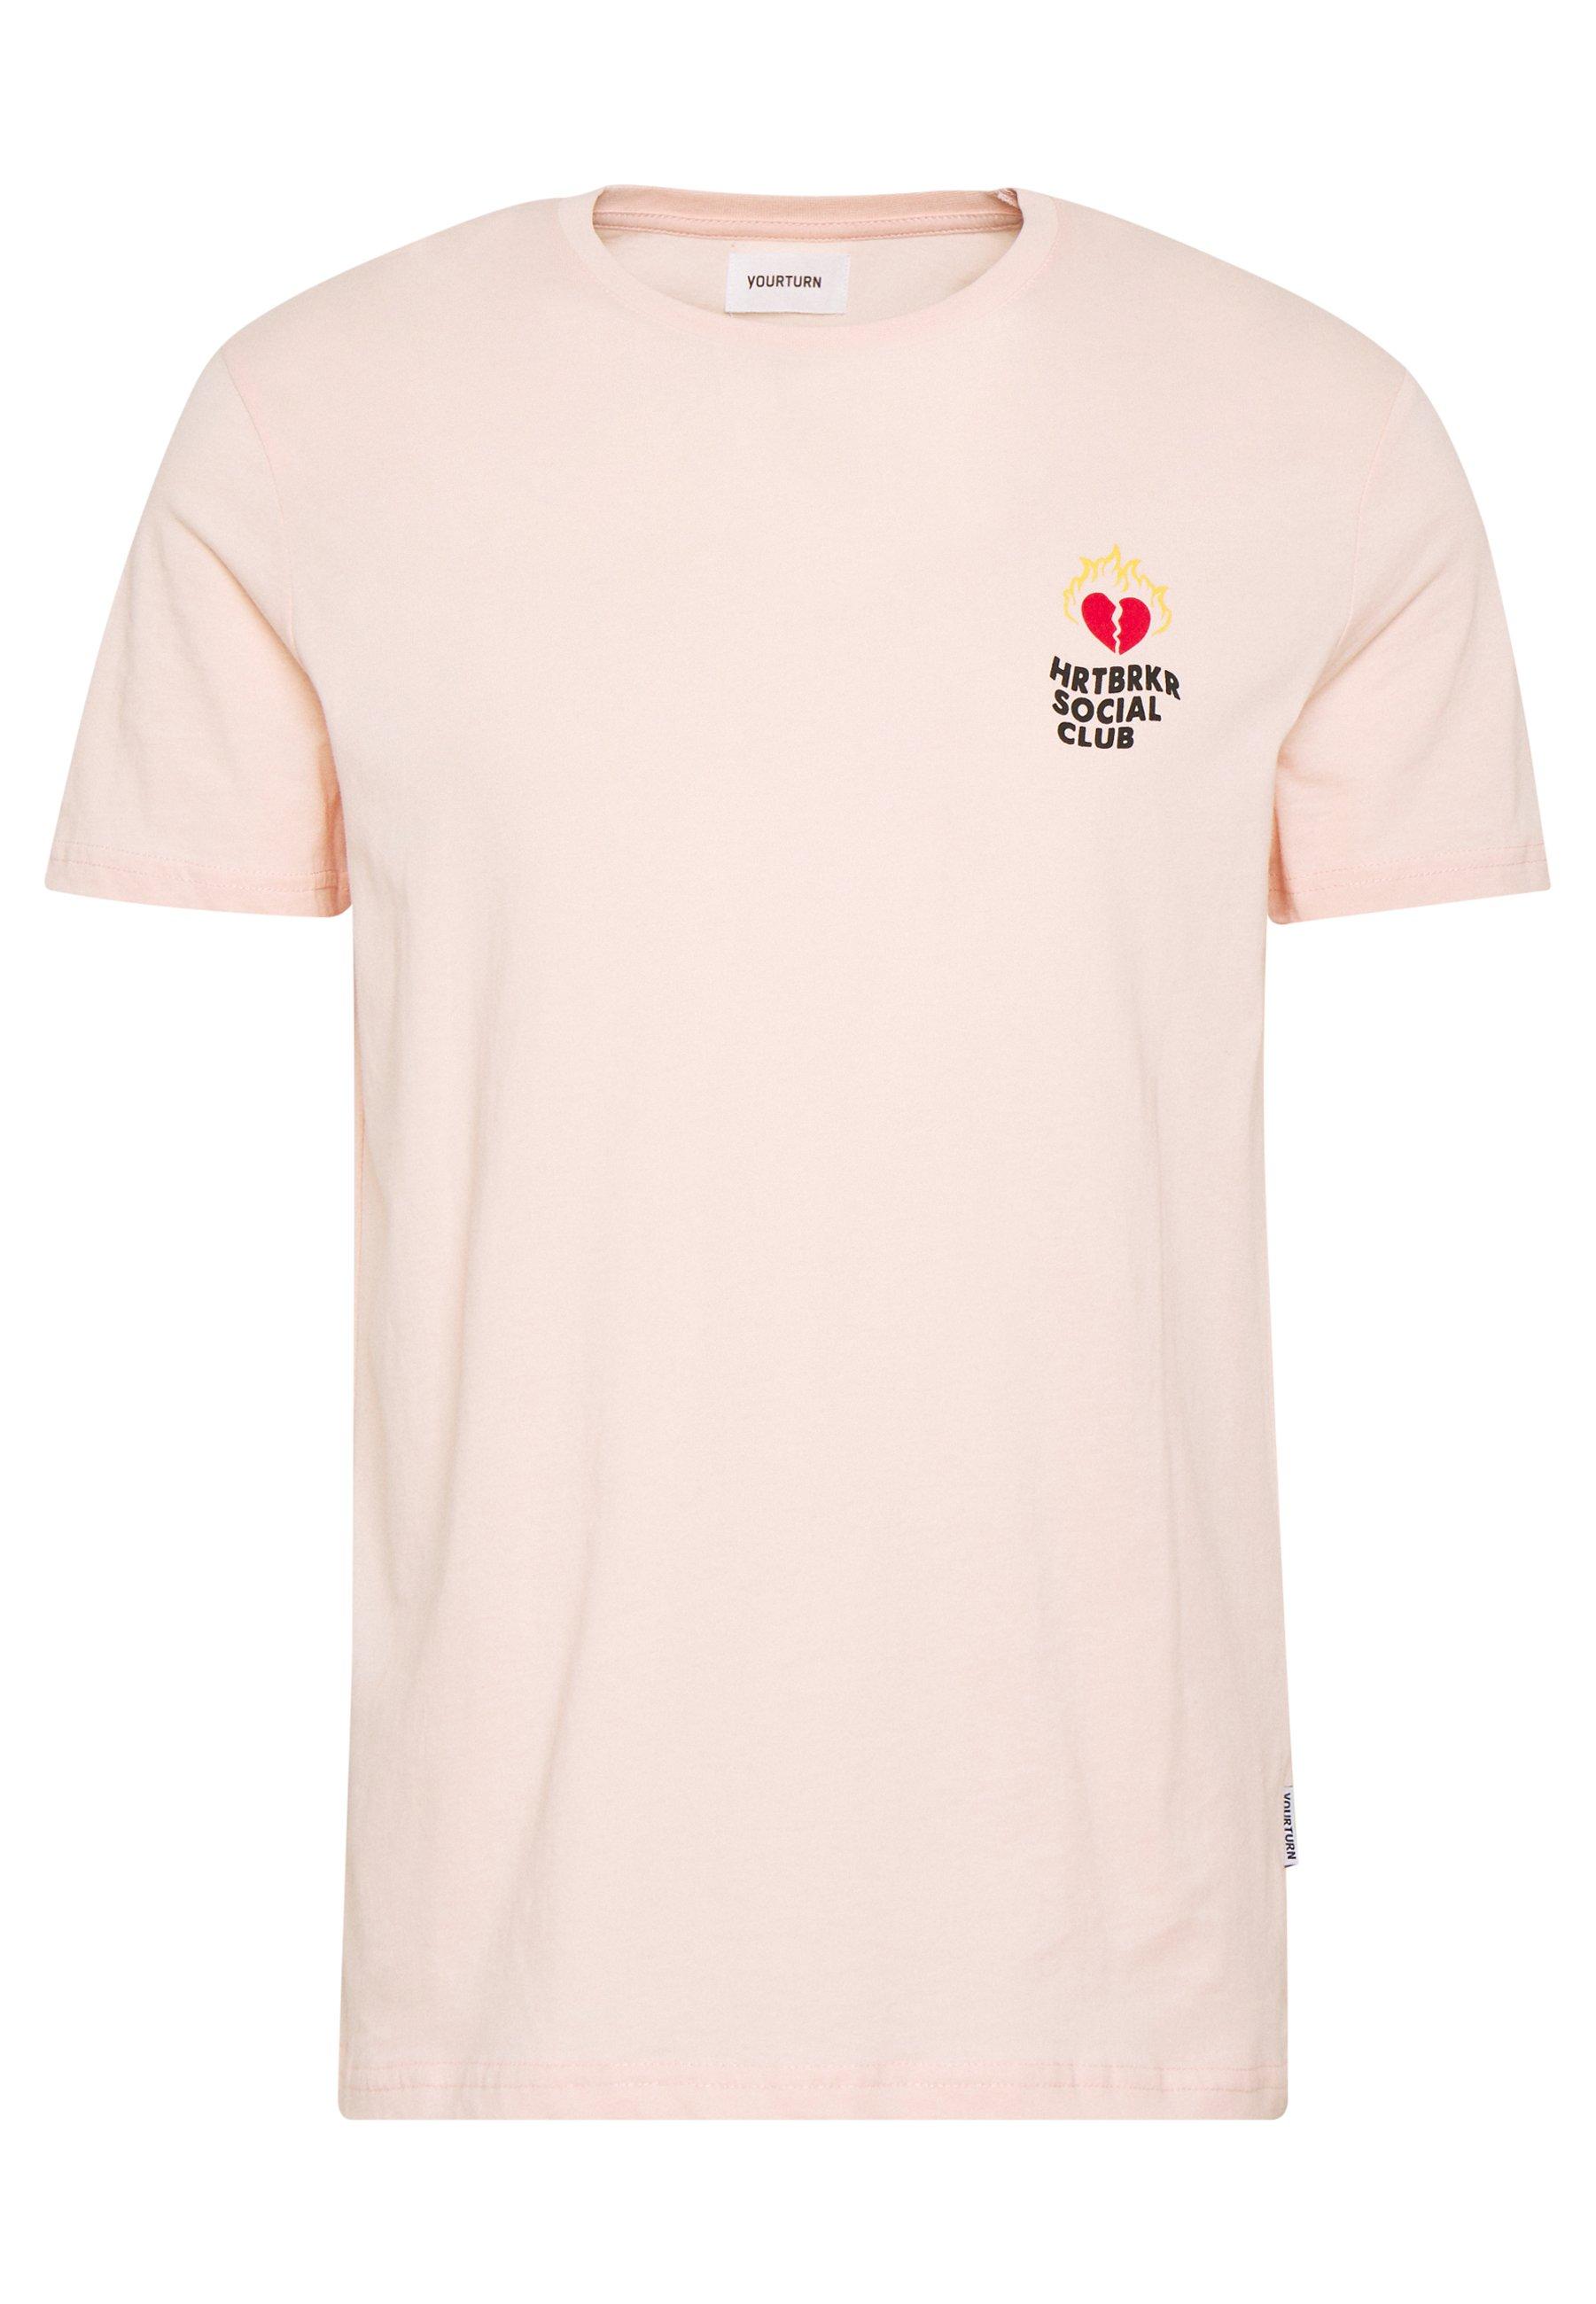 Yourturn T-shirt Print - Yellow